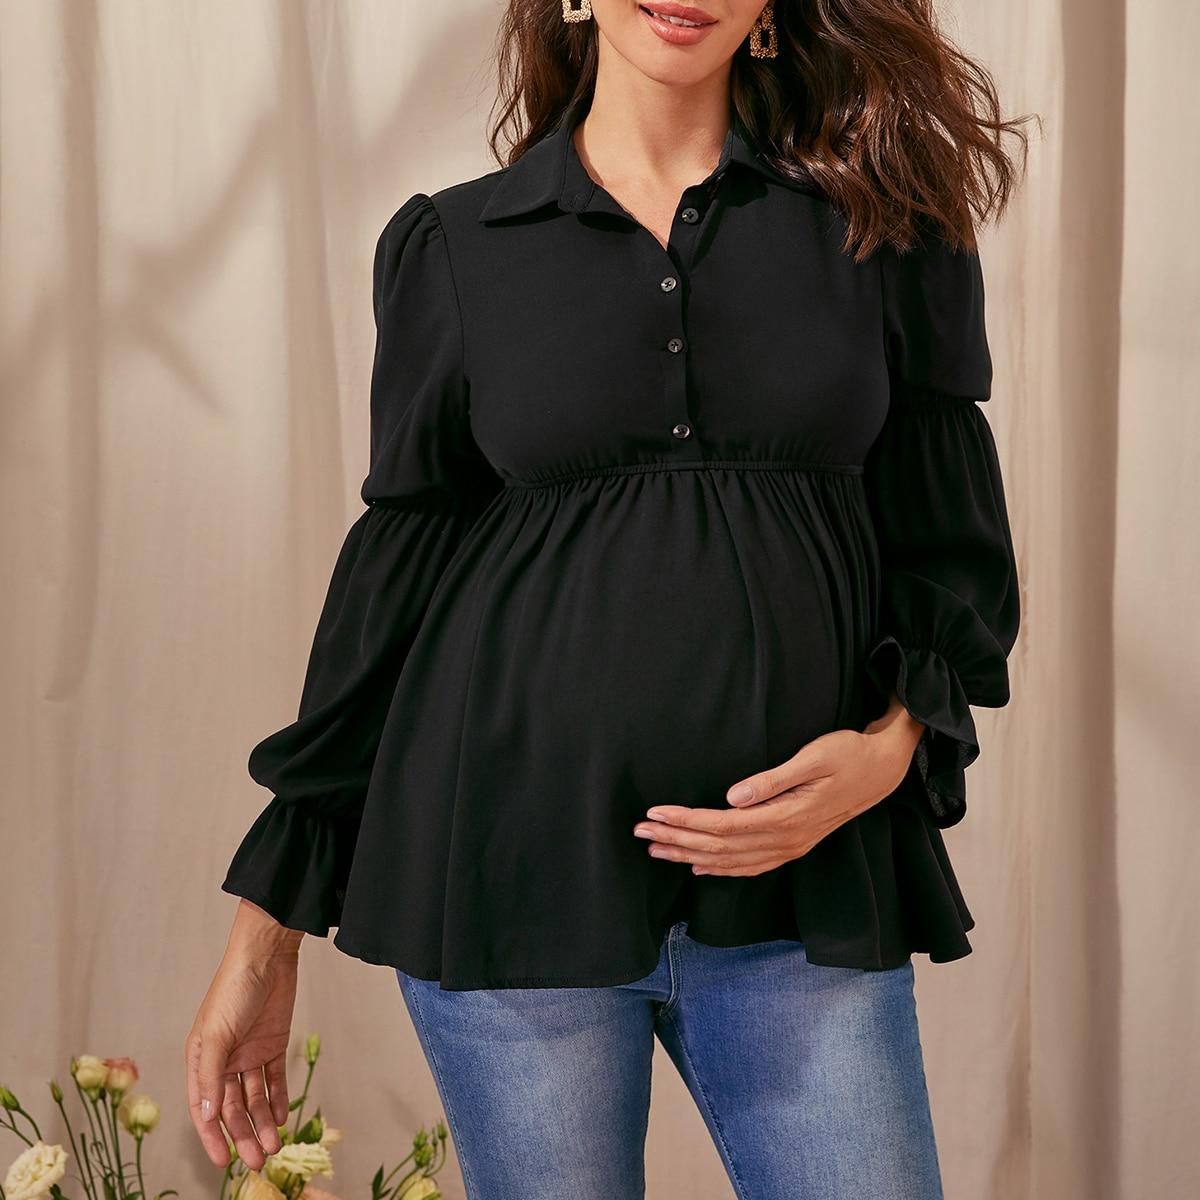 Топ с присборенным рукавом и пуговицами для беременных